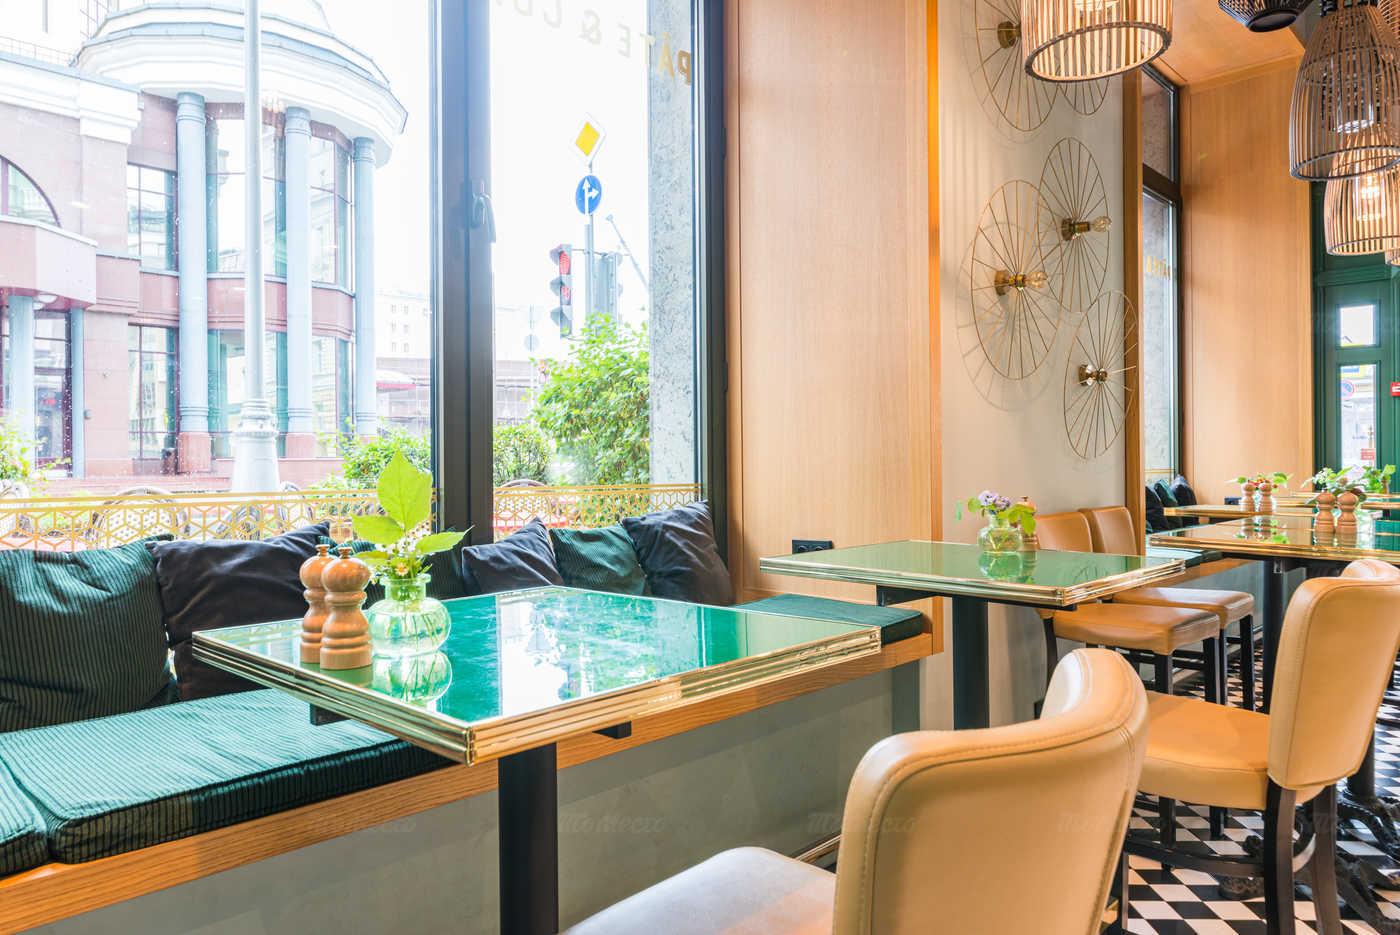 Ресторан Pate & Co на улице Балчуг фото 18